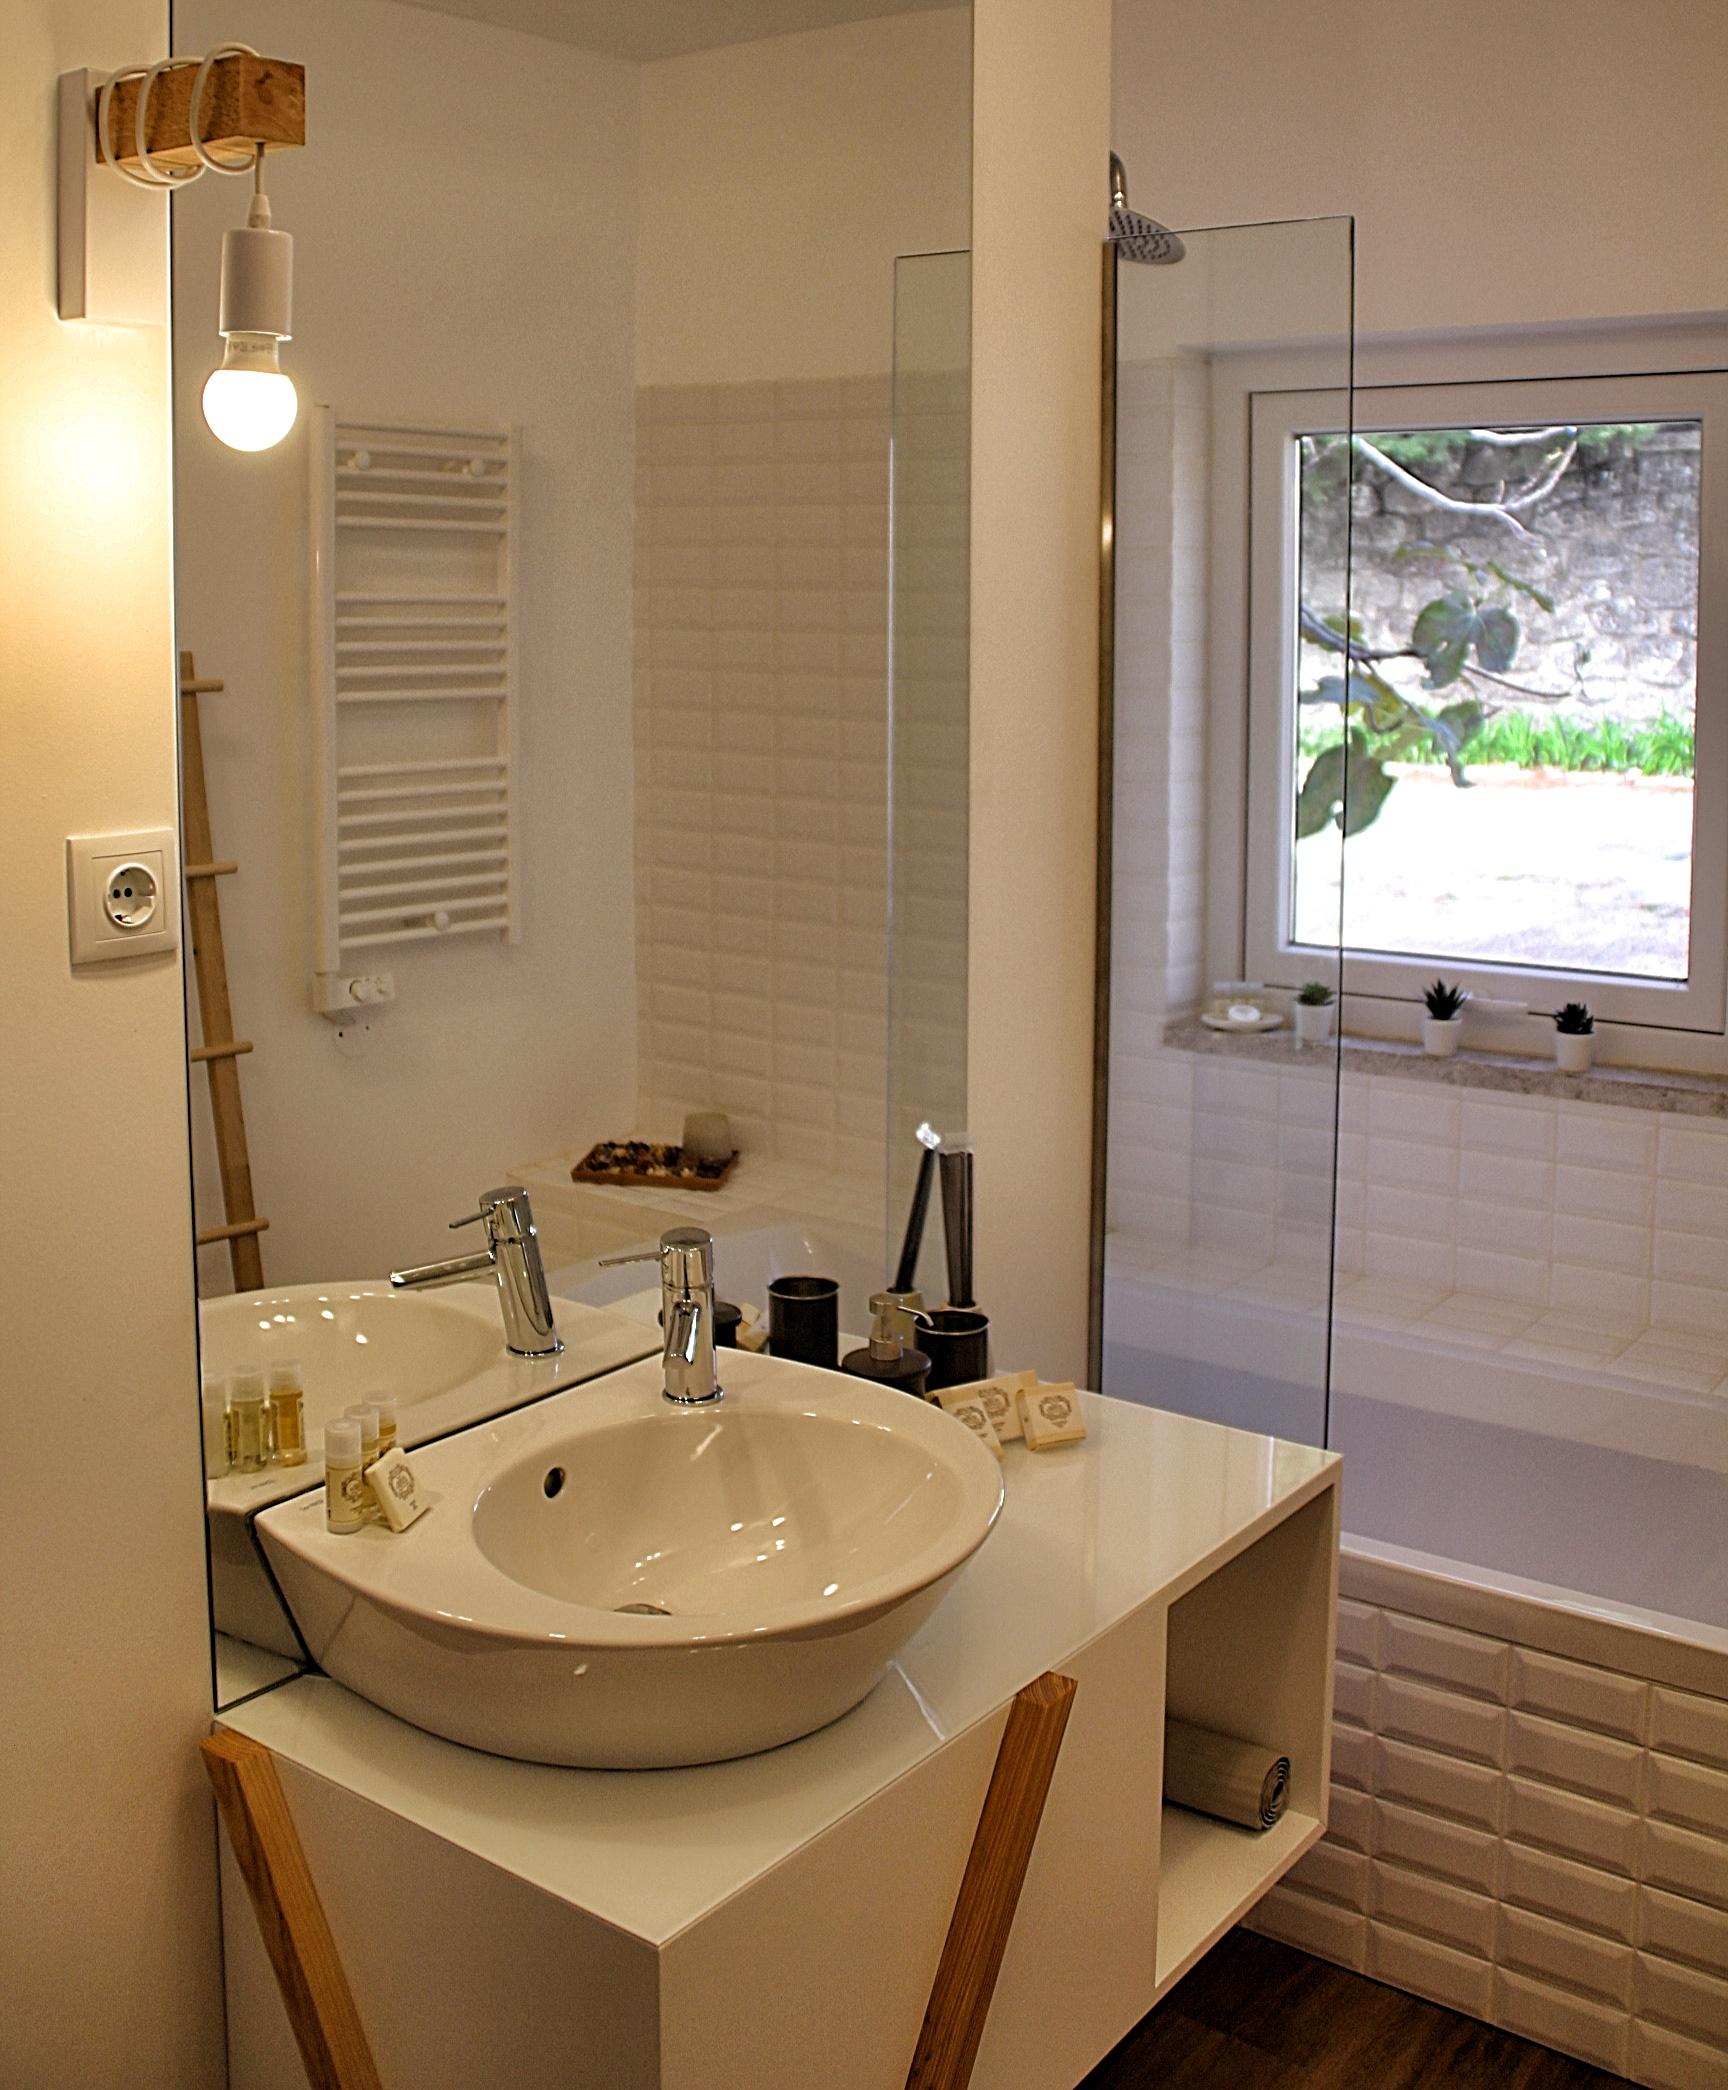 Casa de banho ampla